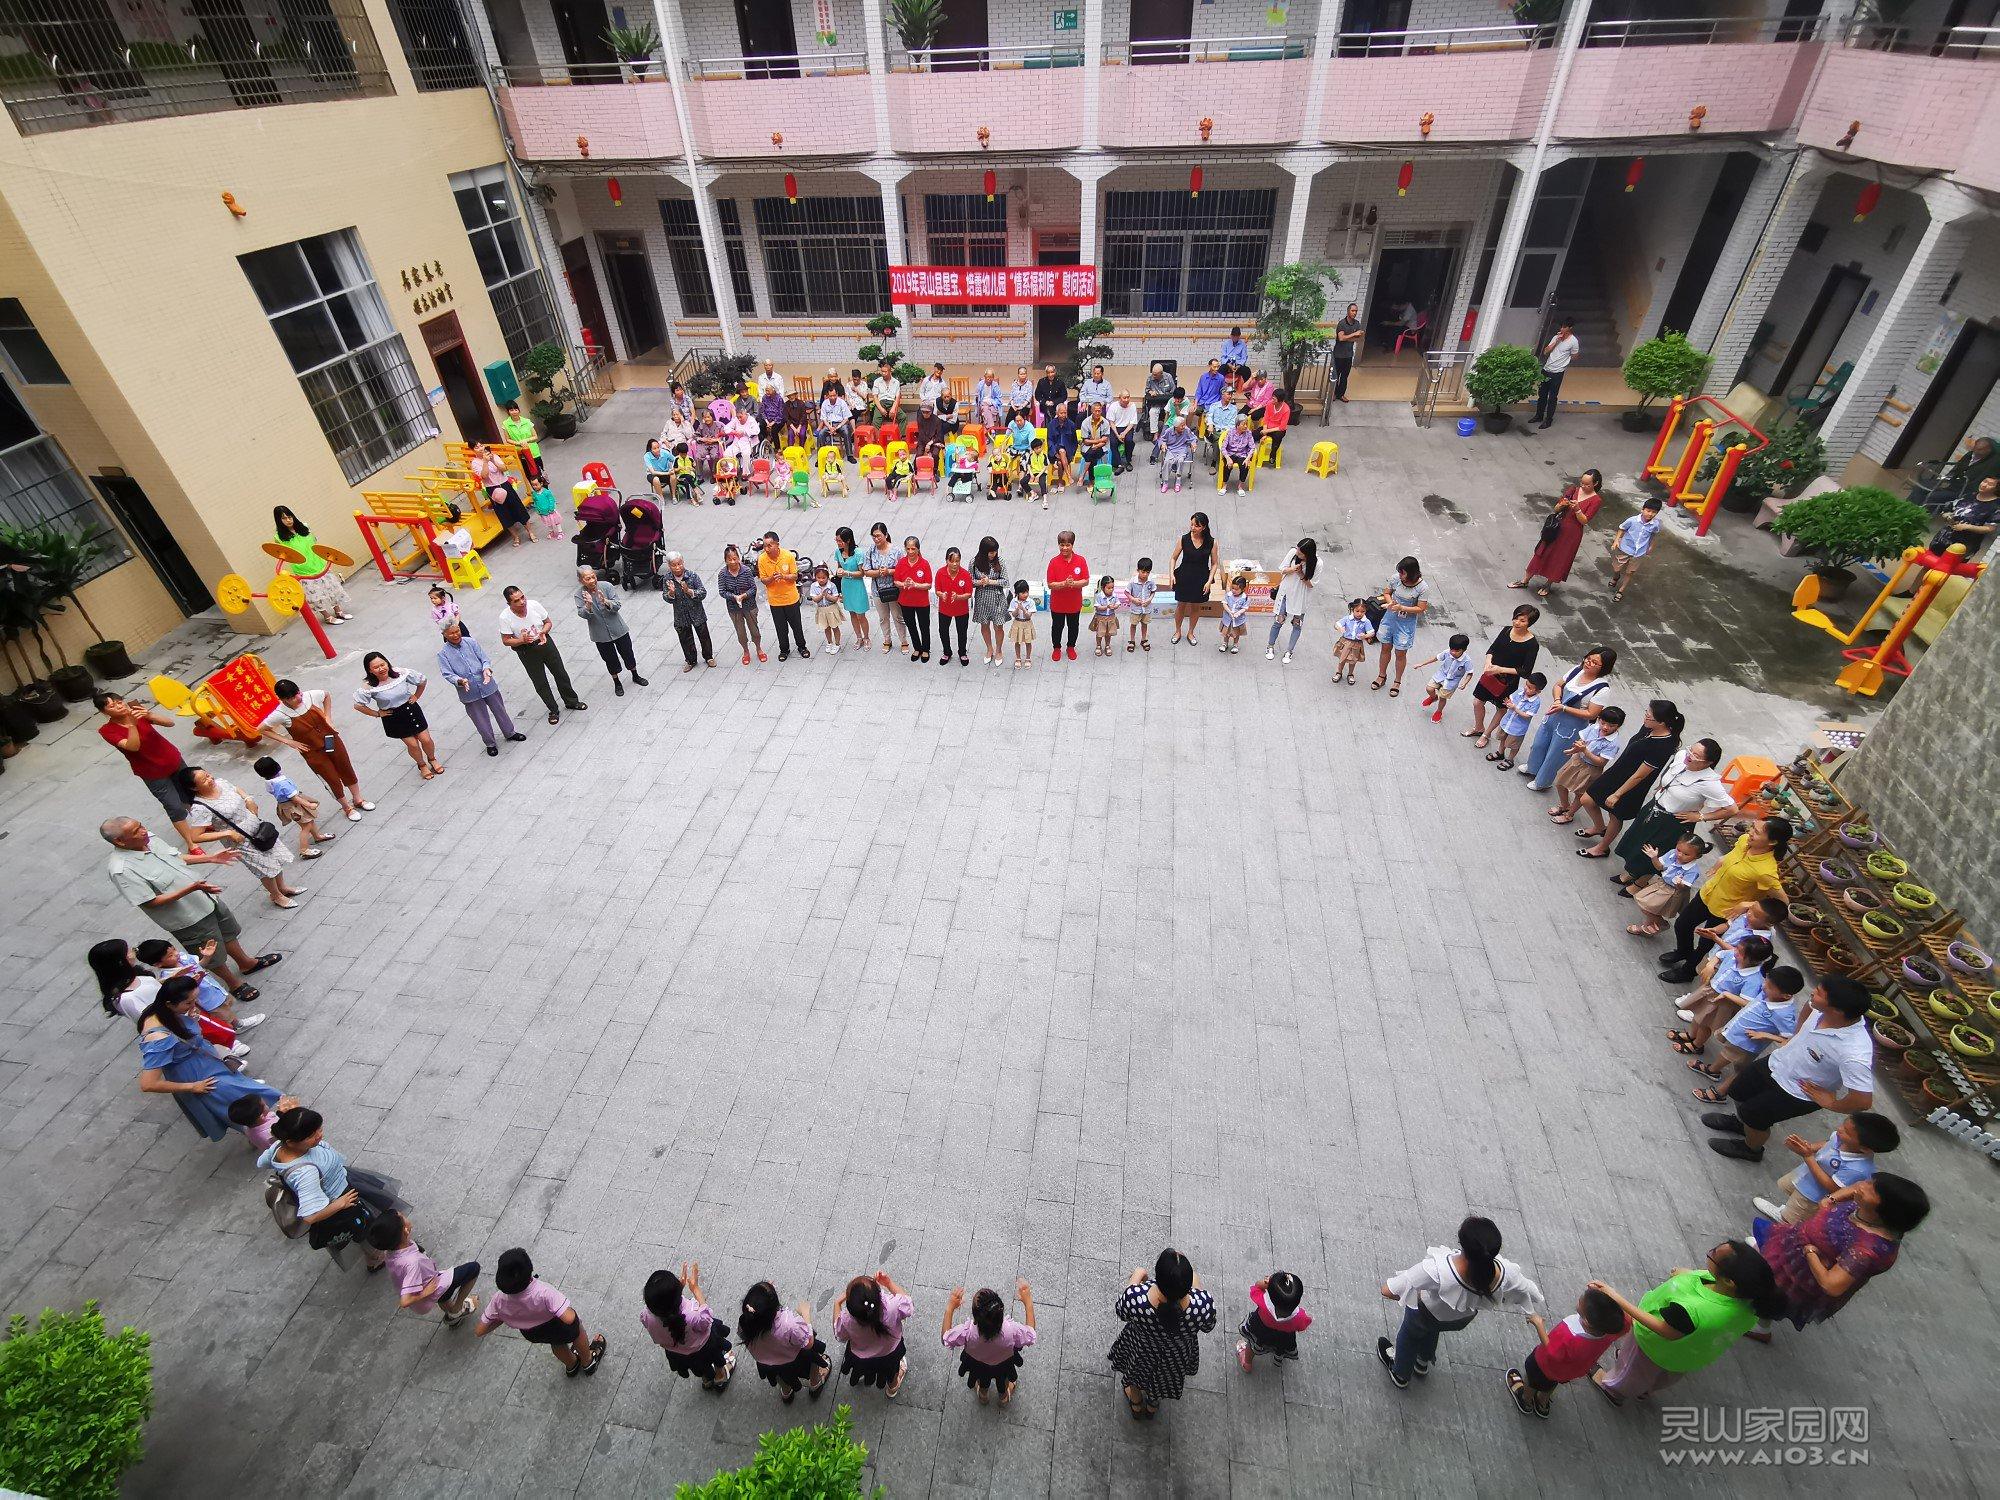 图2:培蕾幼儿园、星宝幼儿园与院内老人儿童一起唱歌跳舞.jpg